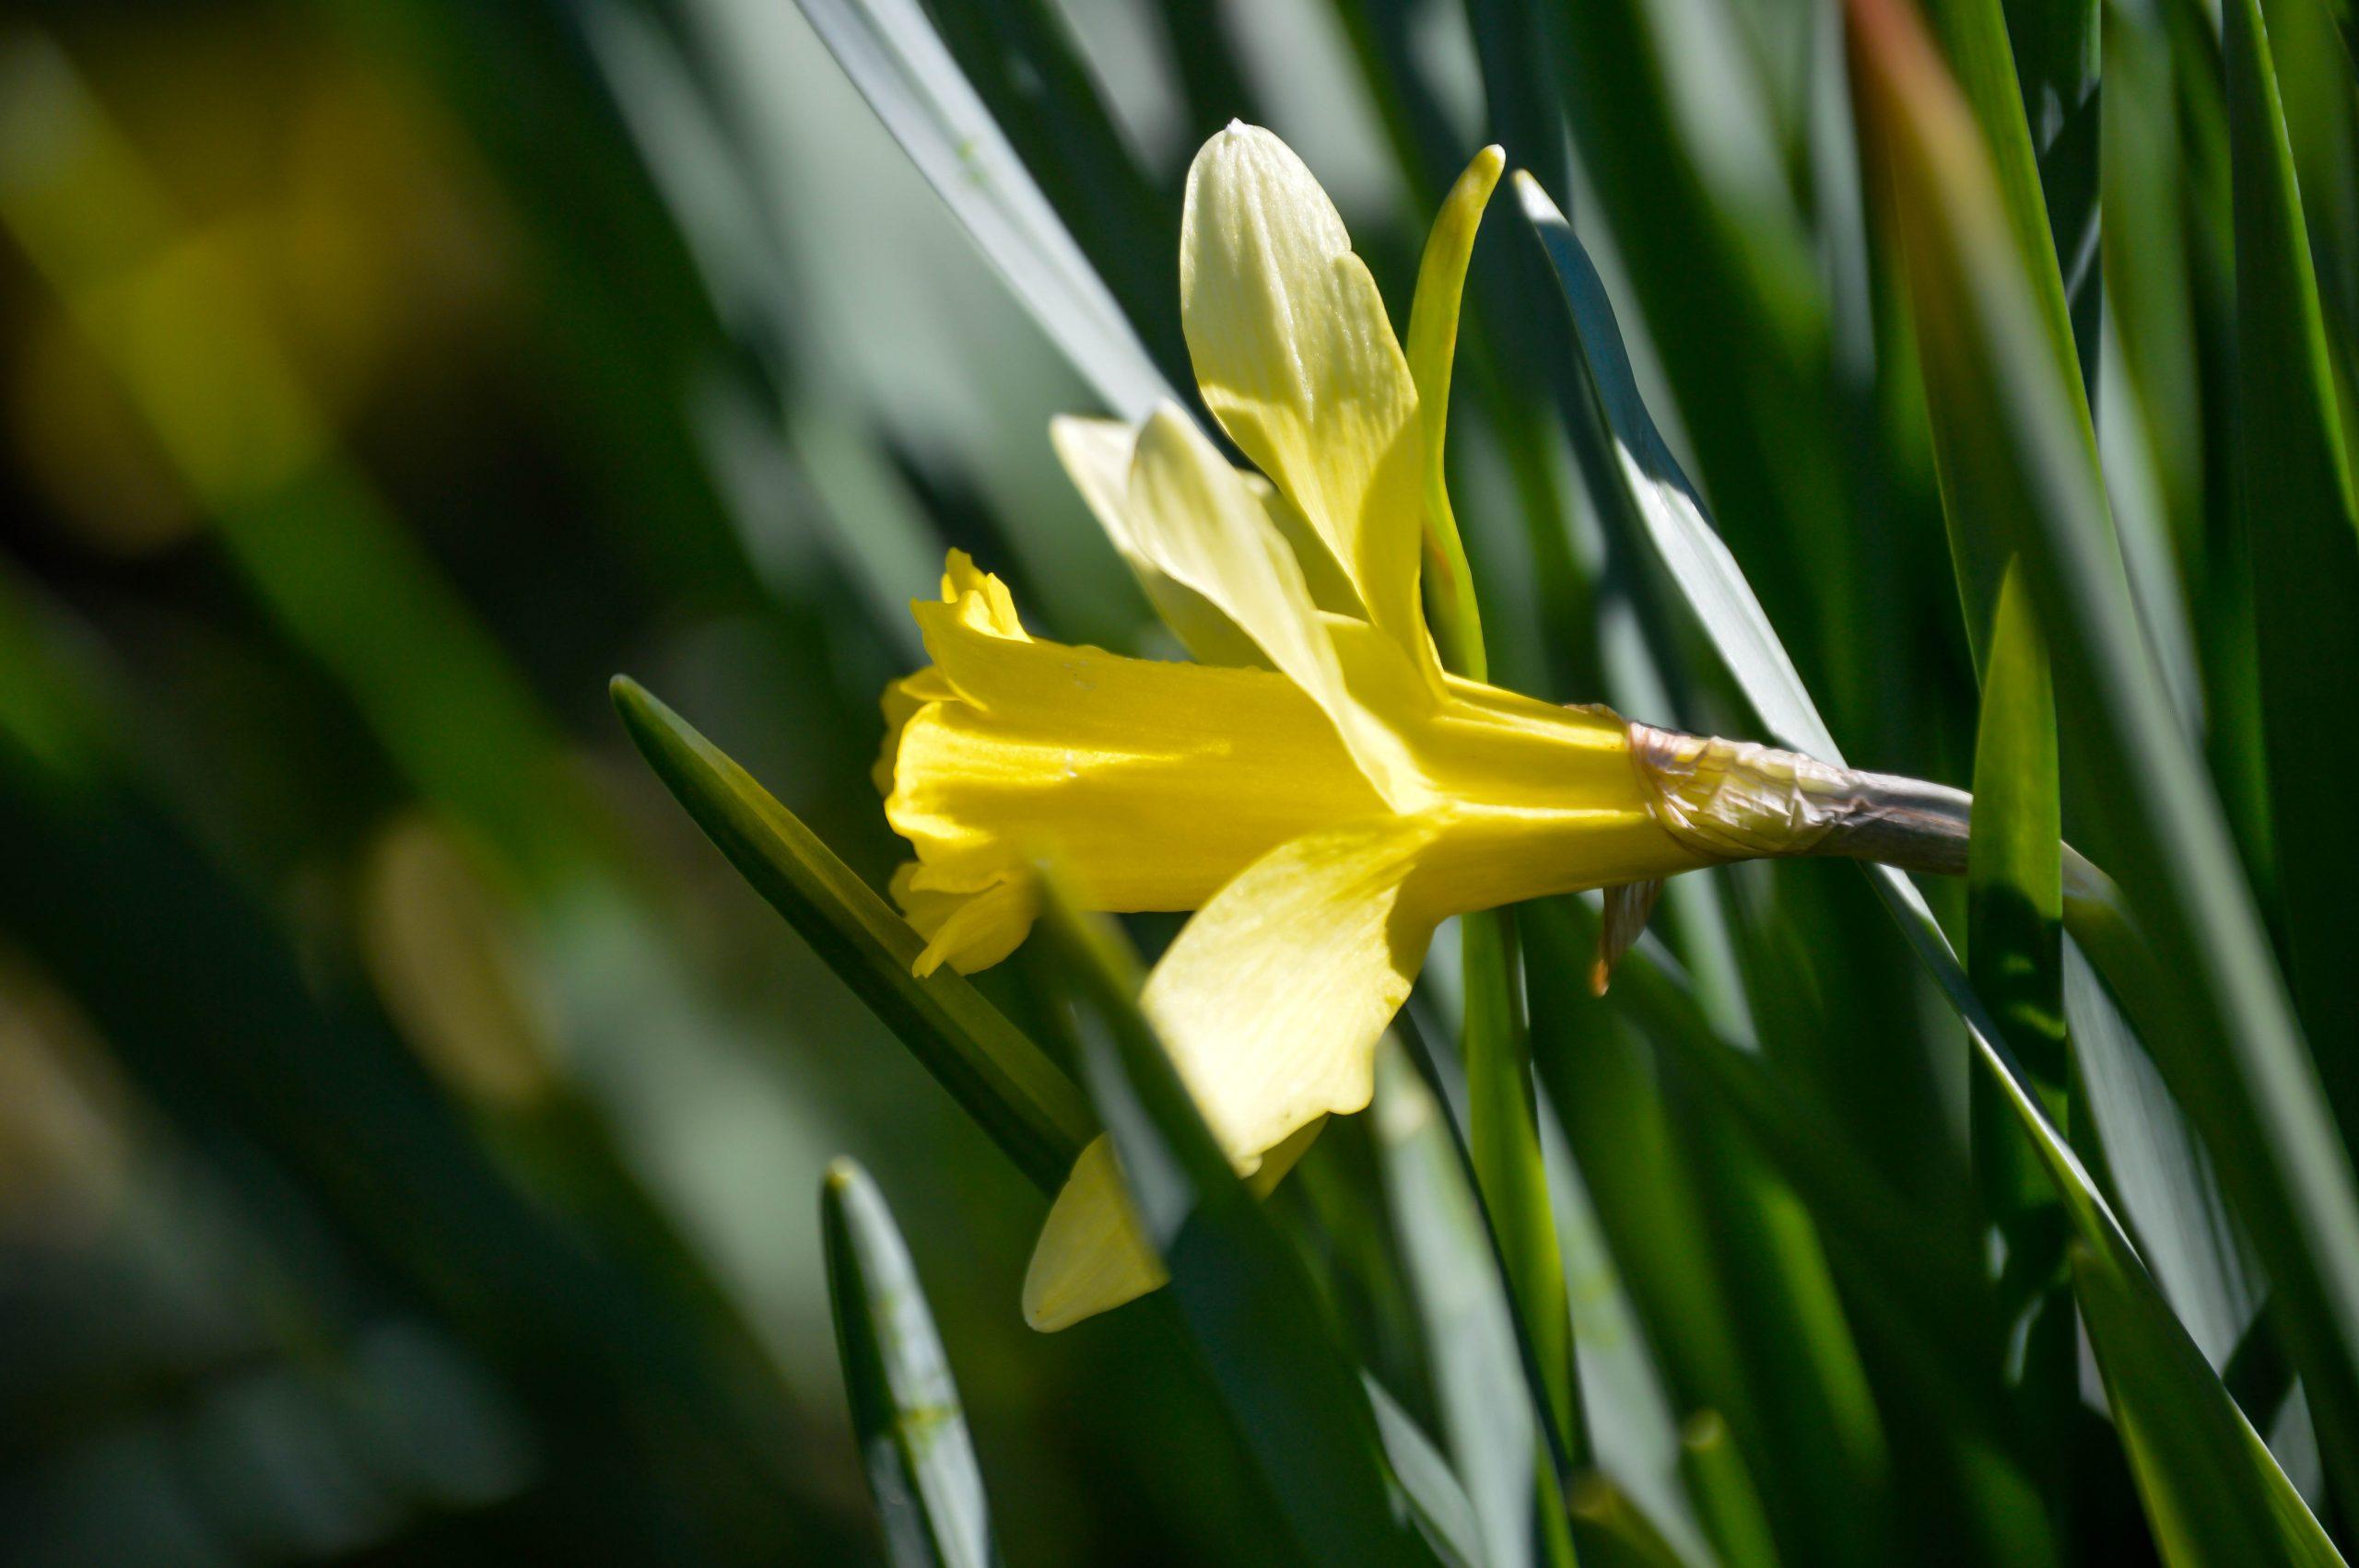 Yellow flower in East TN